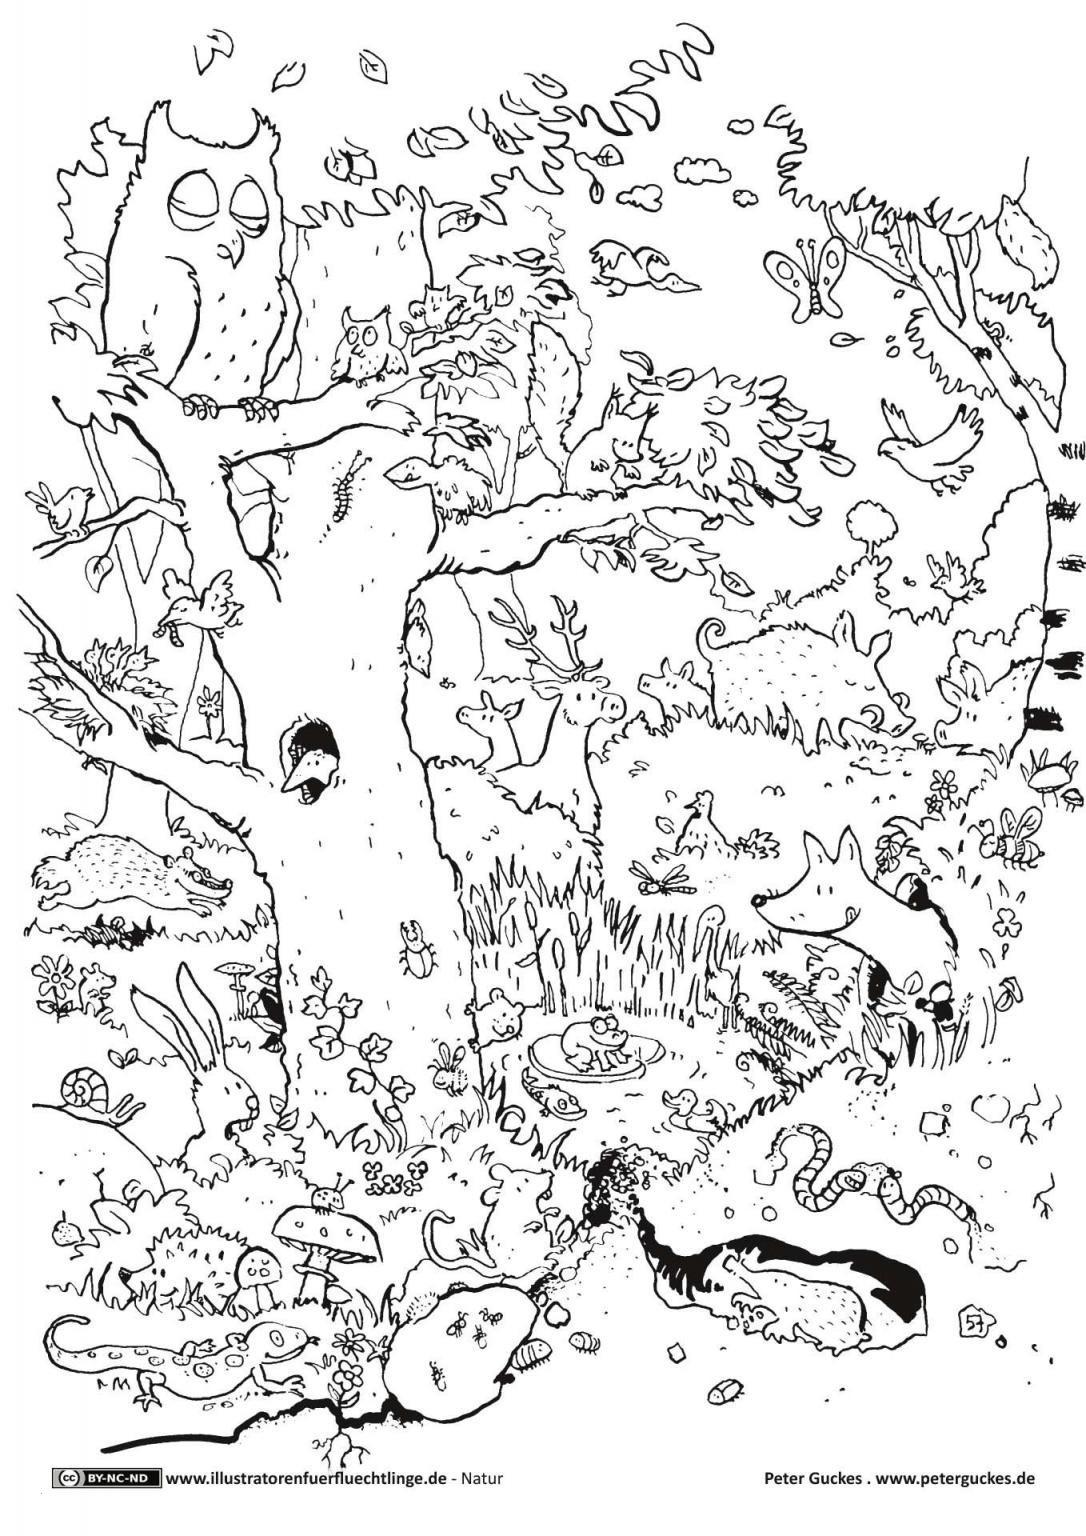 Stern Weihnachten Malvorlage Das Beste Von 40 Ninjago Malvorlagen Scoredatscore Genial Malvorlagen Weihnachten Stock